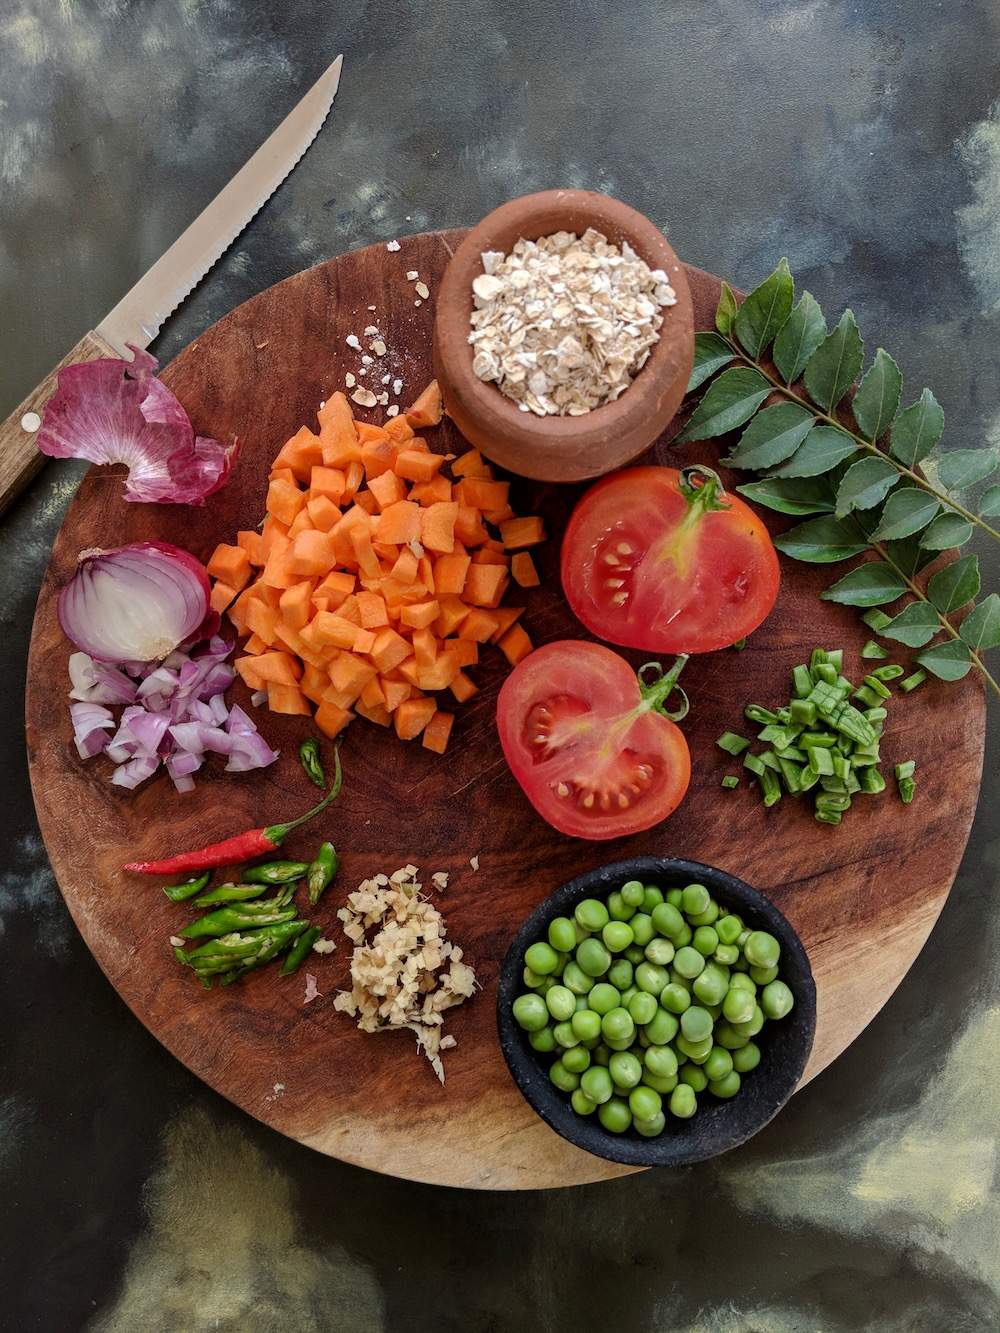 oats for dinner prep